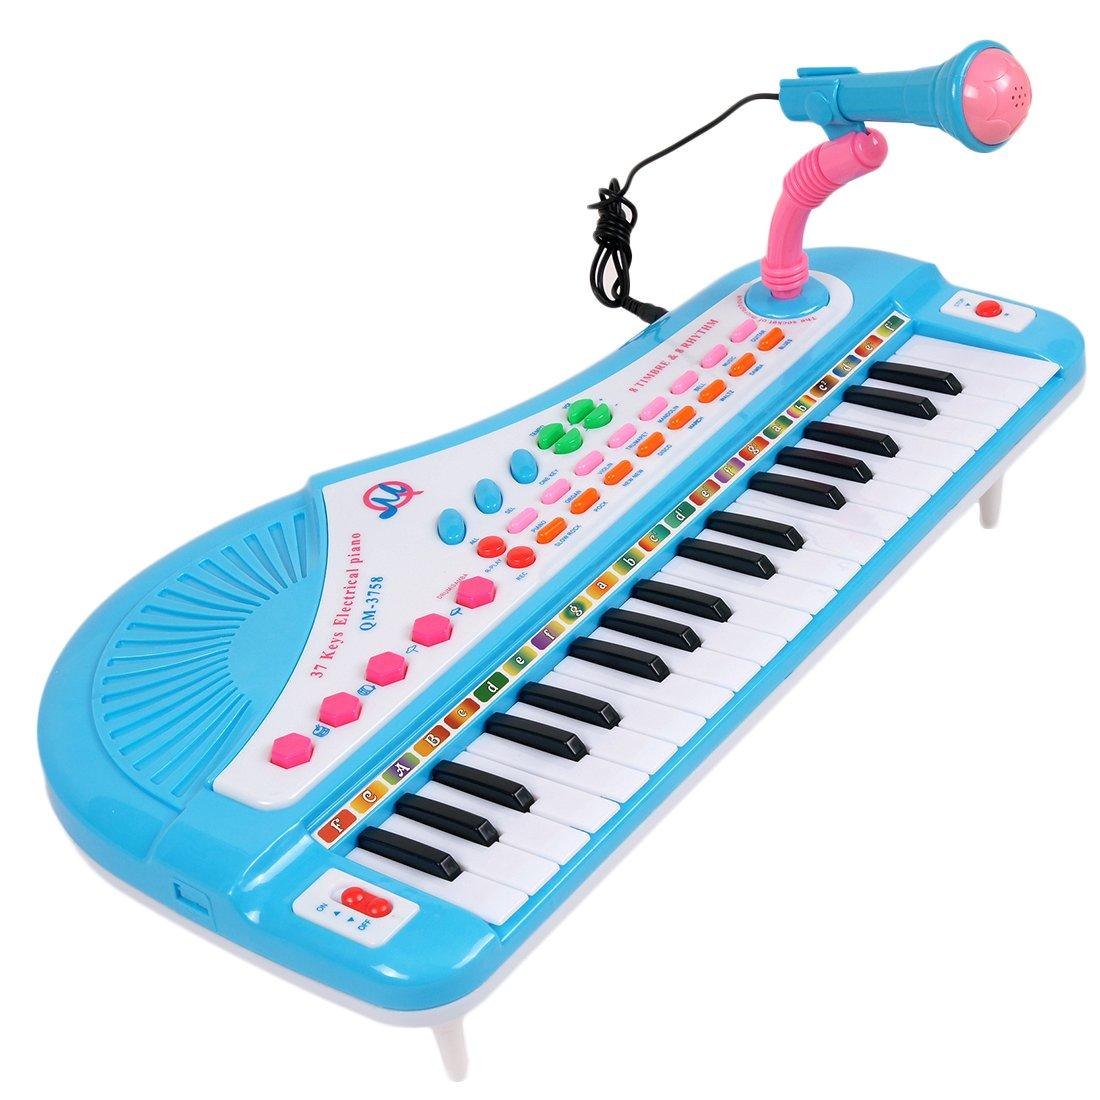 Giocattolo Musicale, Foxom Tastiera Elettronica a 37 Tasti Con Microfono, Registra e Ascolta La Tua